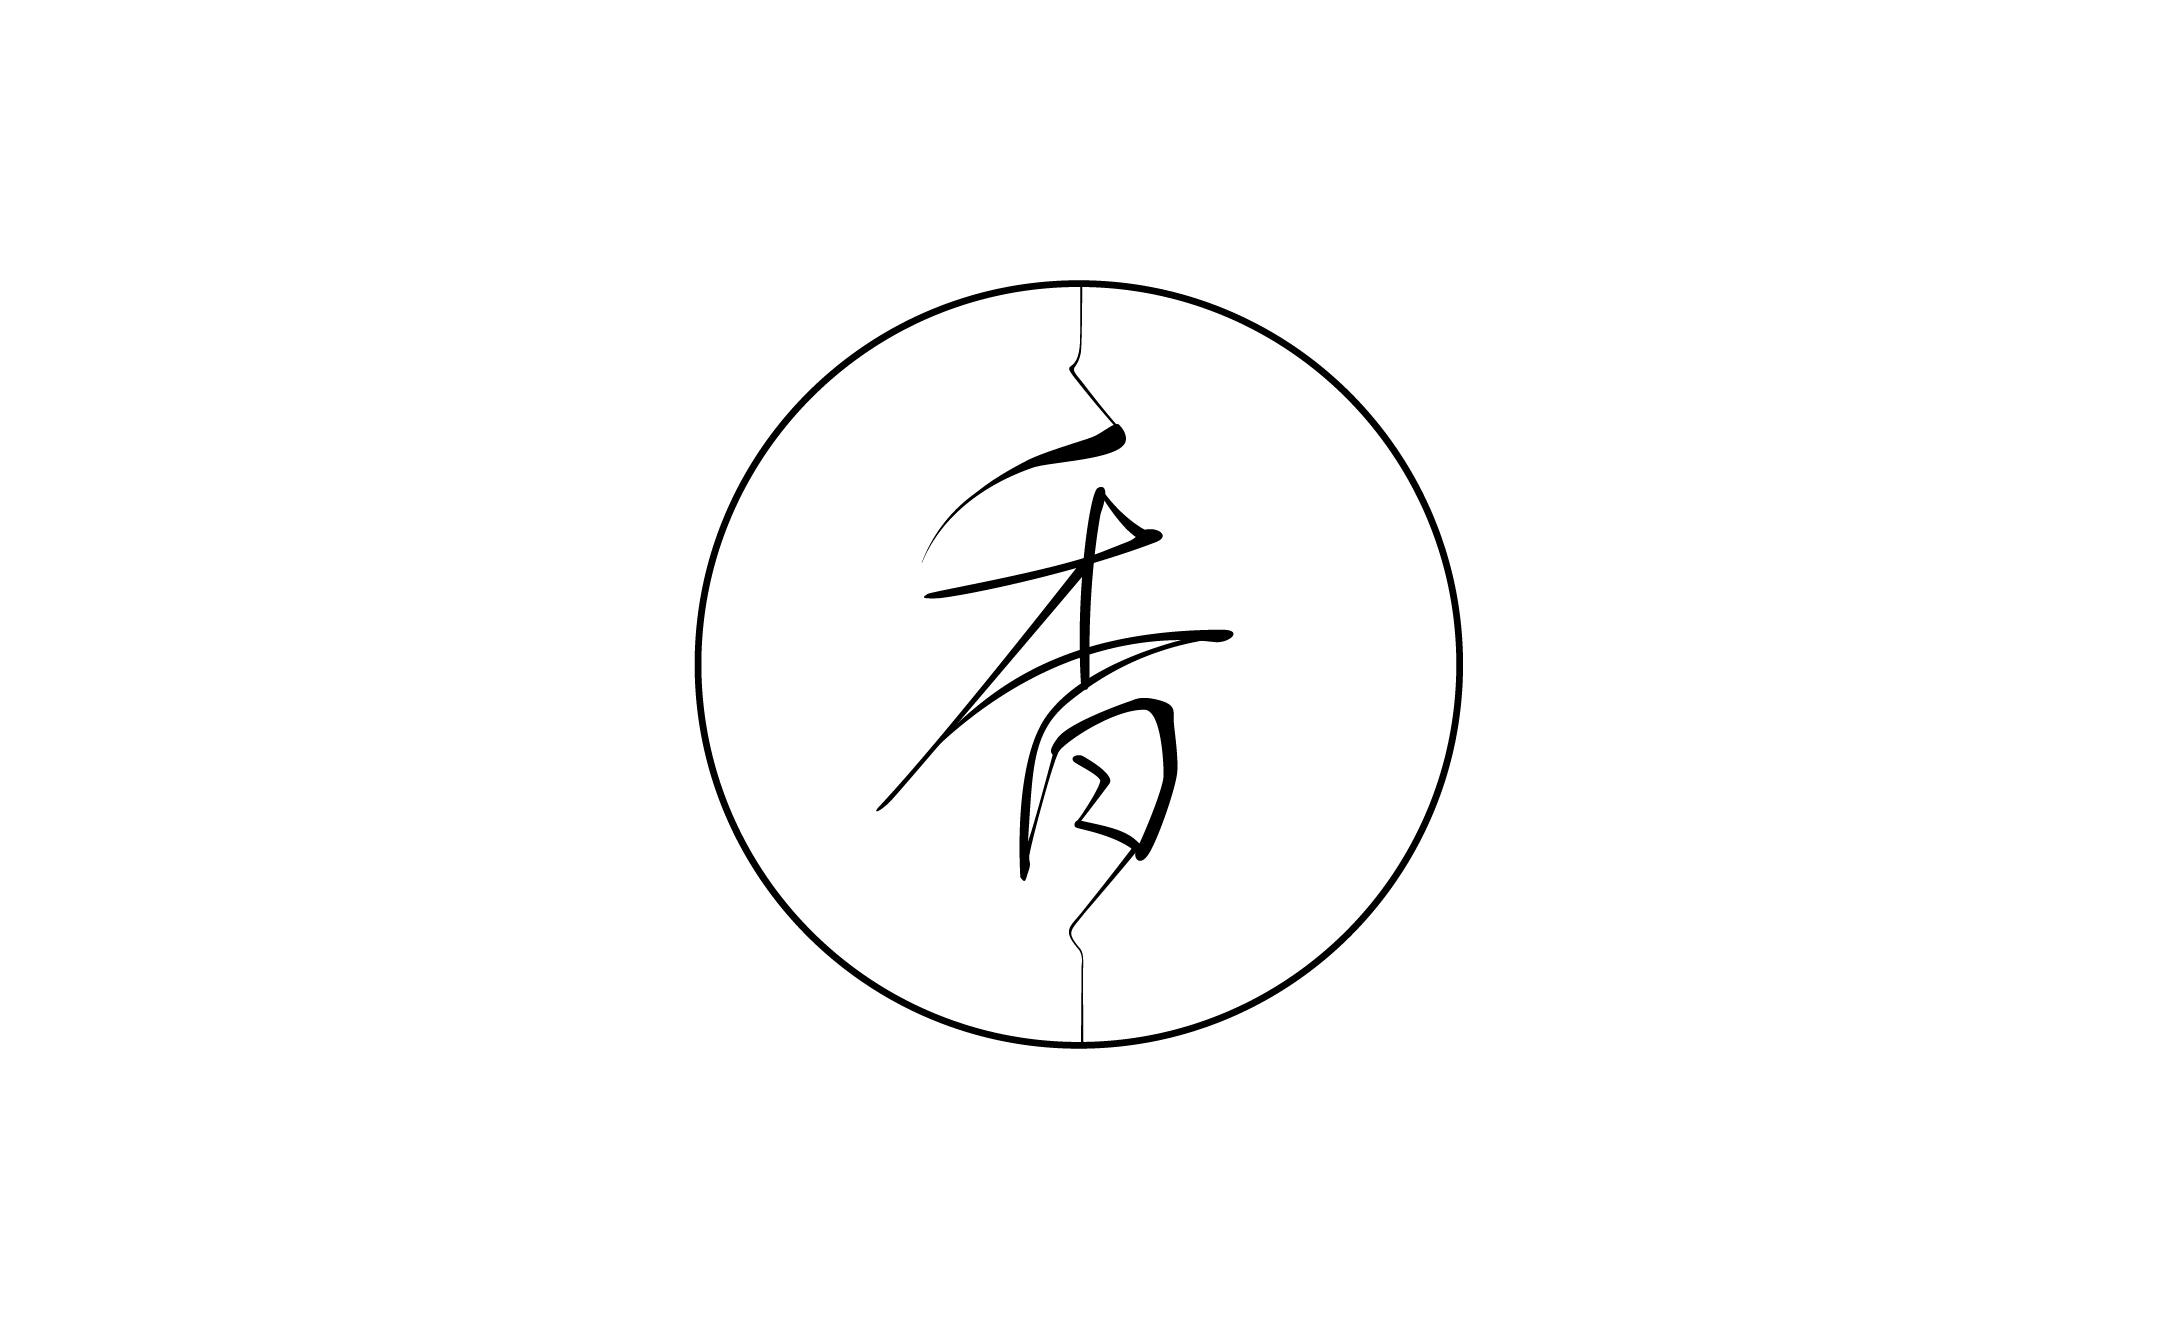 香葉書会 デザイン制作